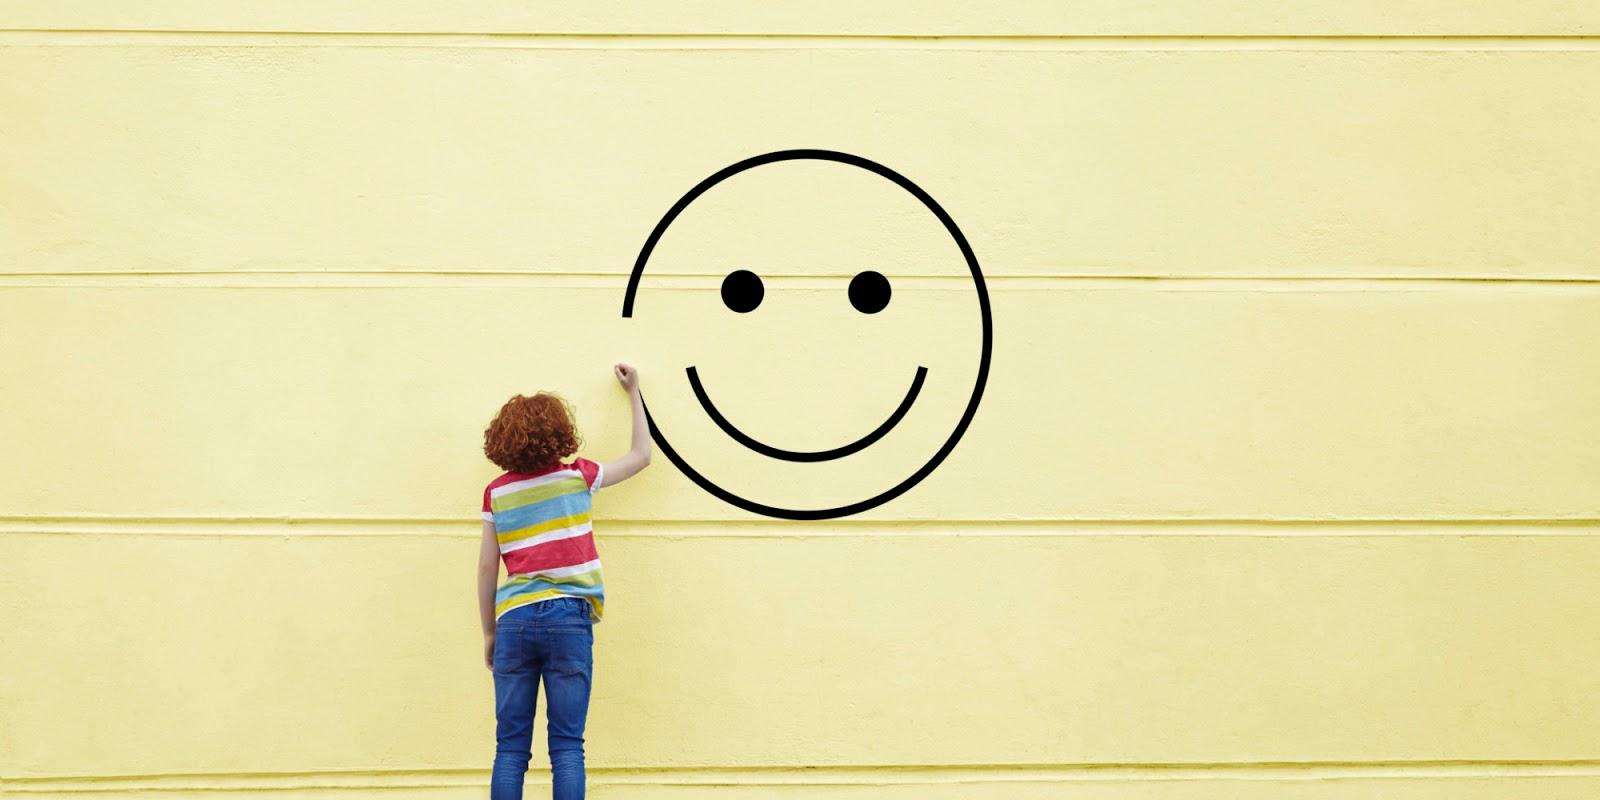 بالصور صور عن السعاده , اجمل الصور المبهجه عن السعاده 2946 4